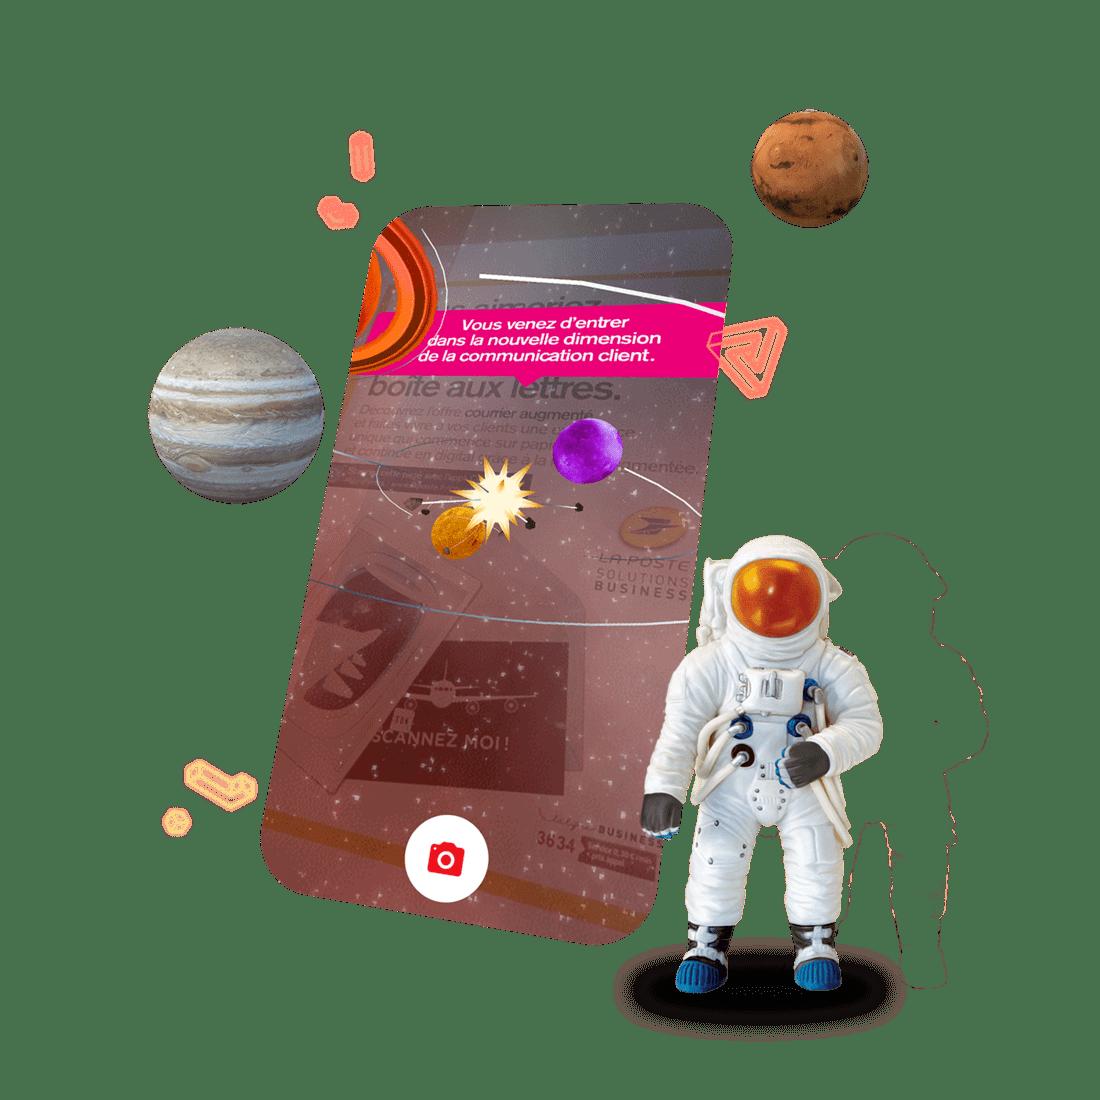 Smartphone, planètes et astronaute exprimant la nouvelle dimension de la communication client